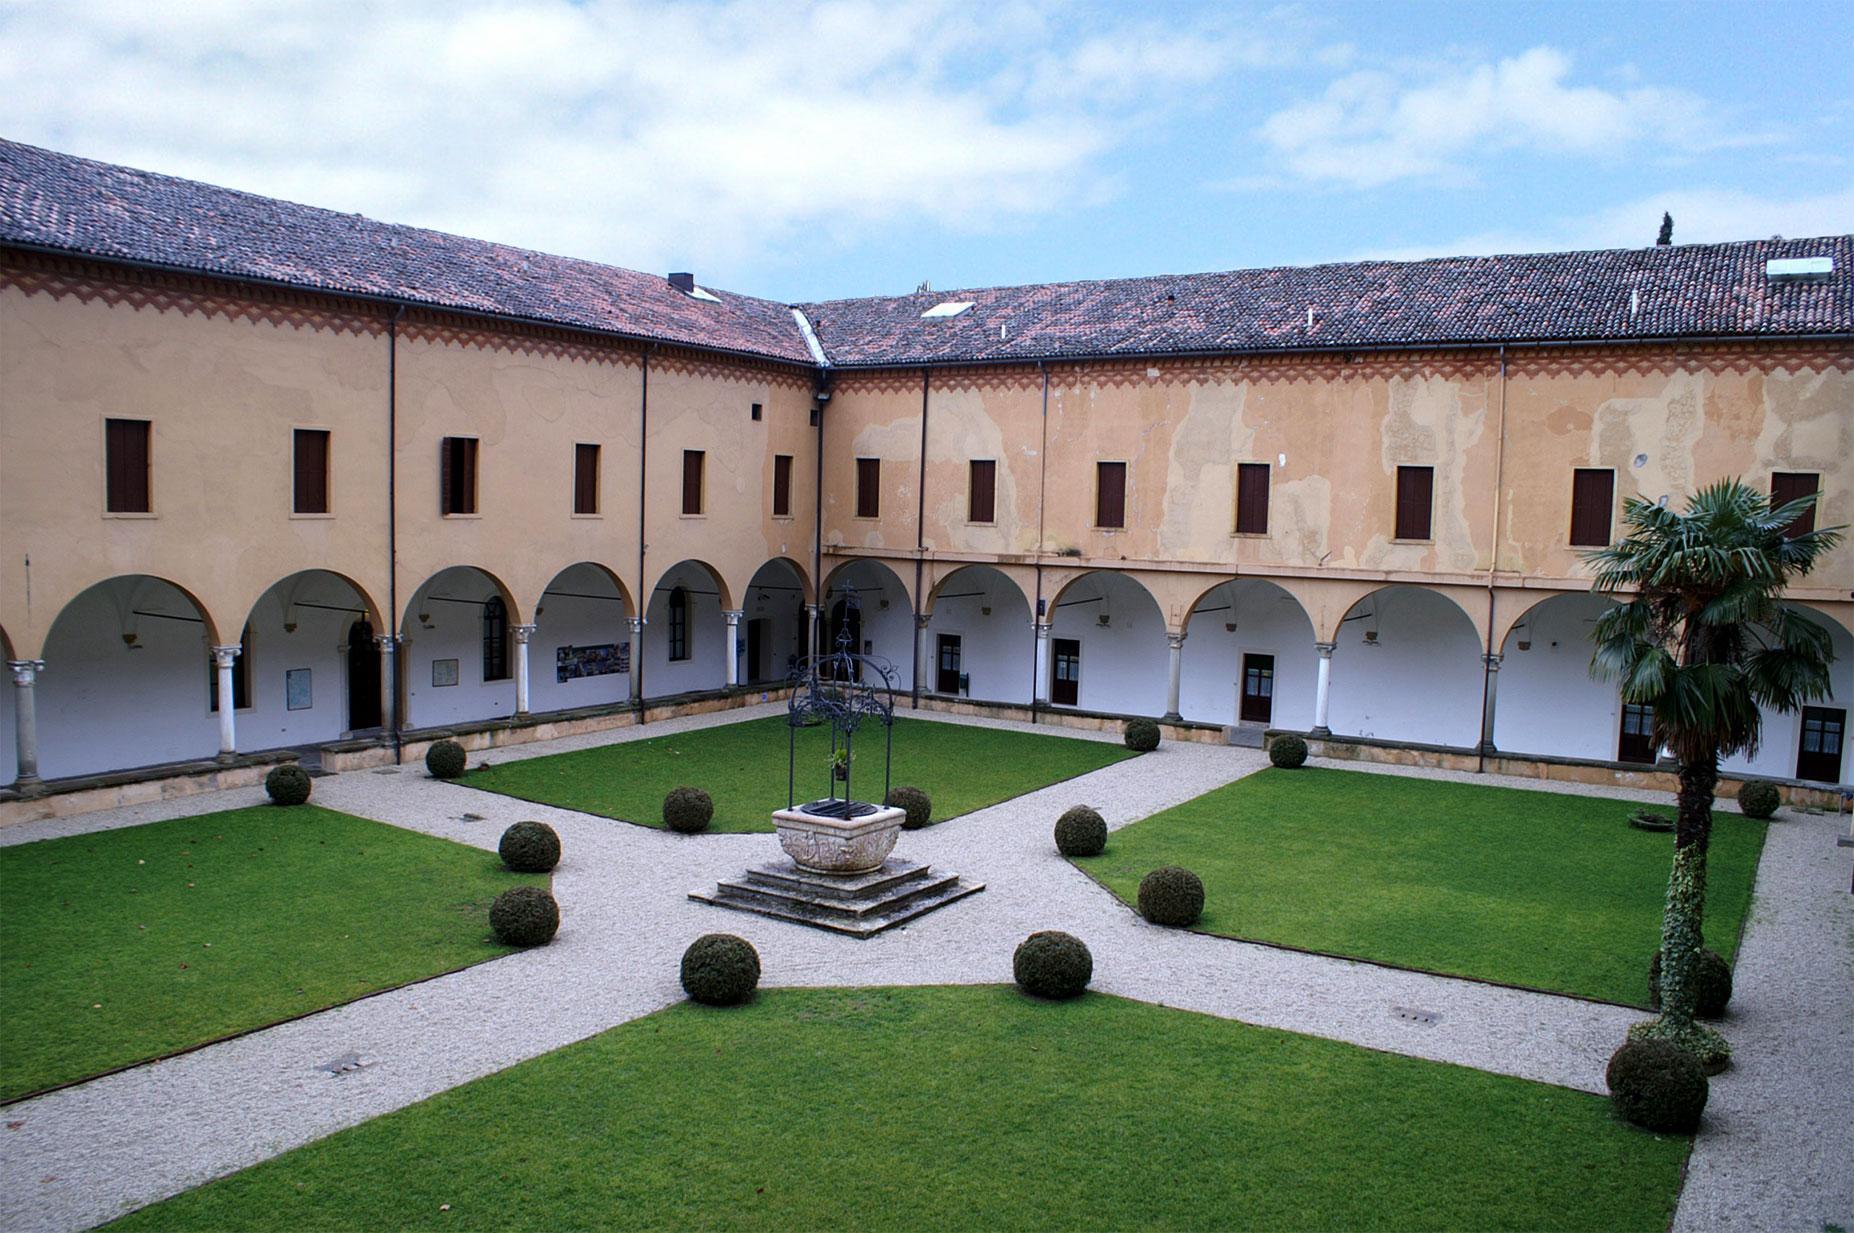 Abano Terme, località Monteortone (Pd), Chiostro dell'ex convento della Congregazione degli Agostiniani della Beata Vergine di Monteortone